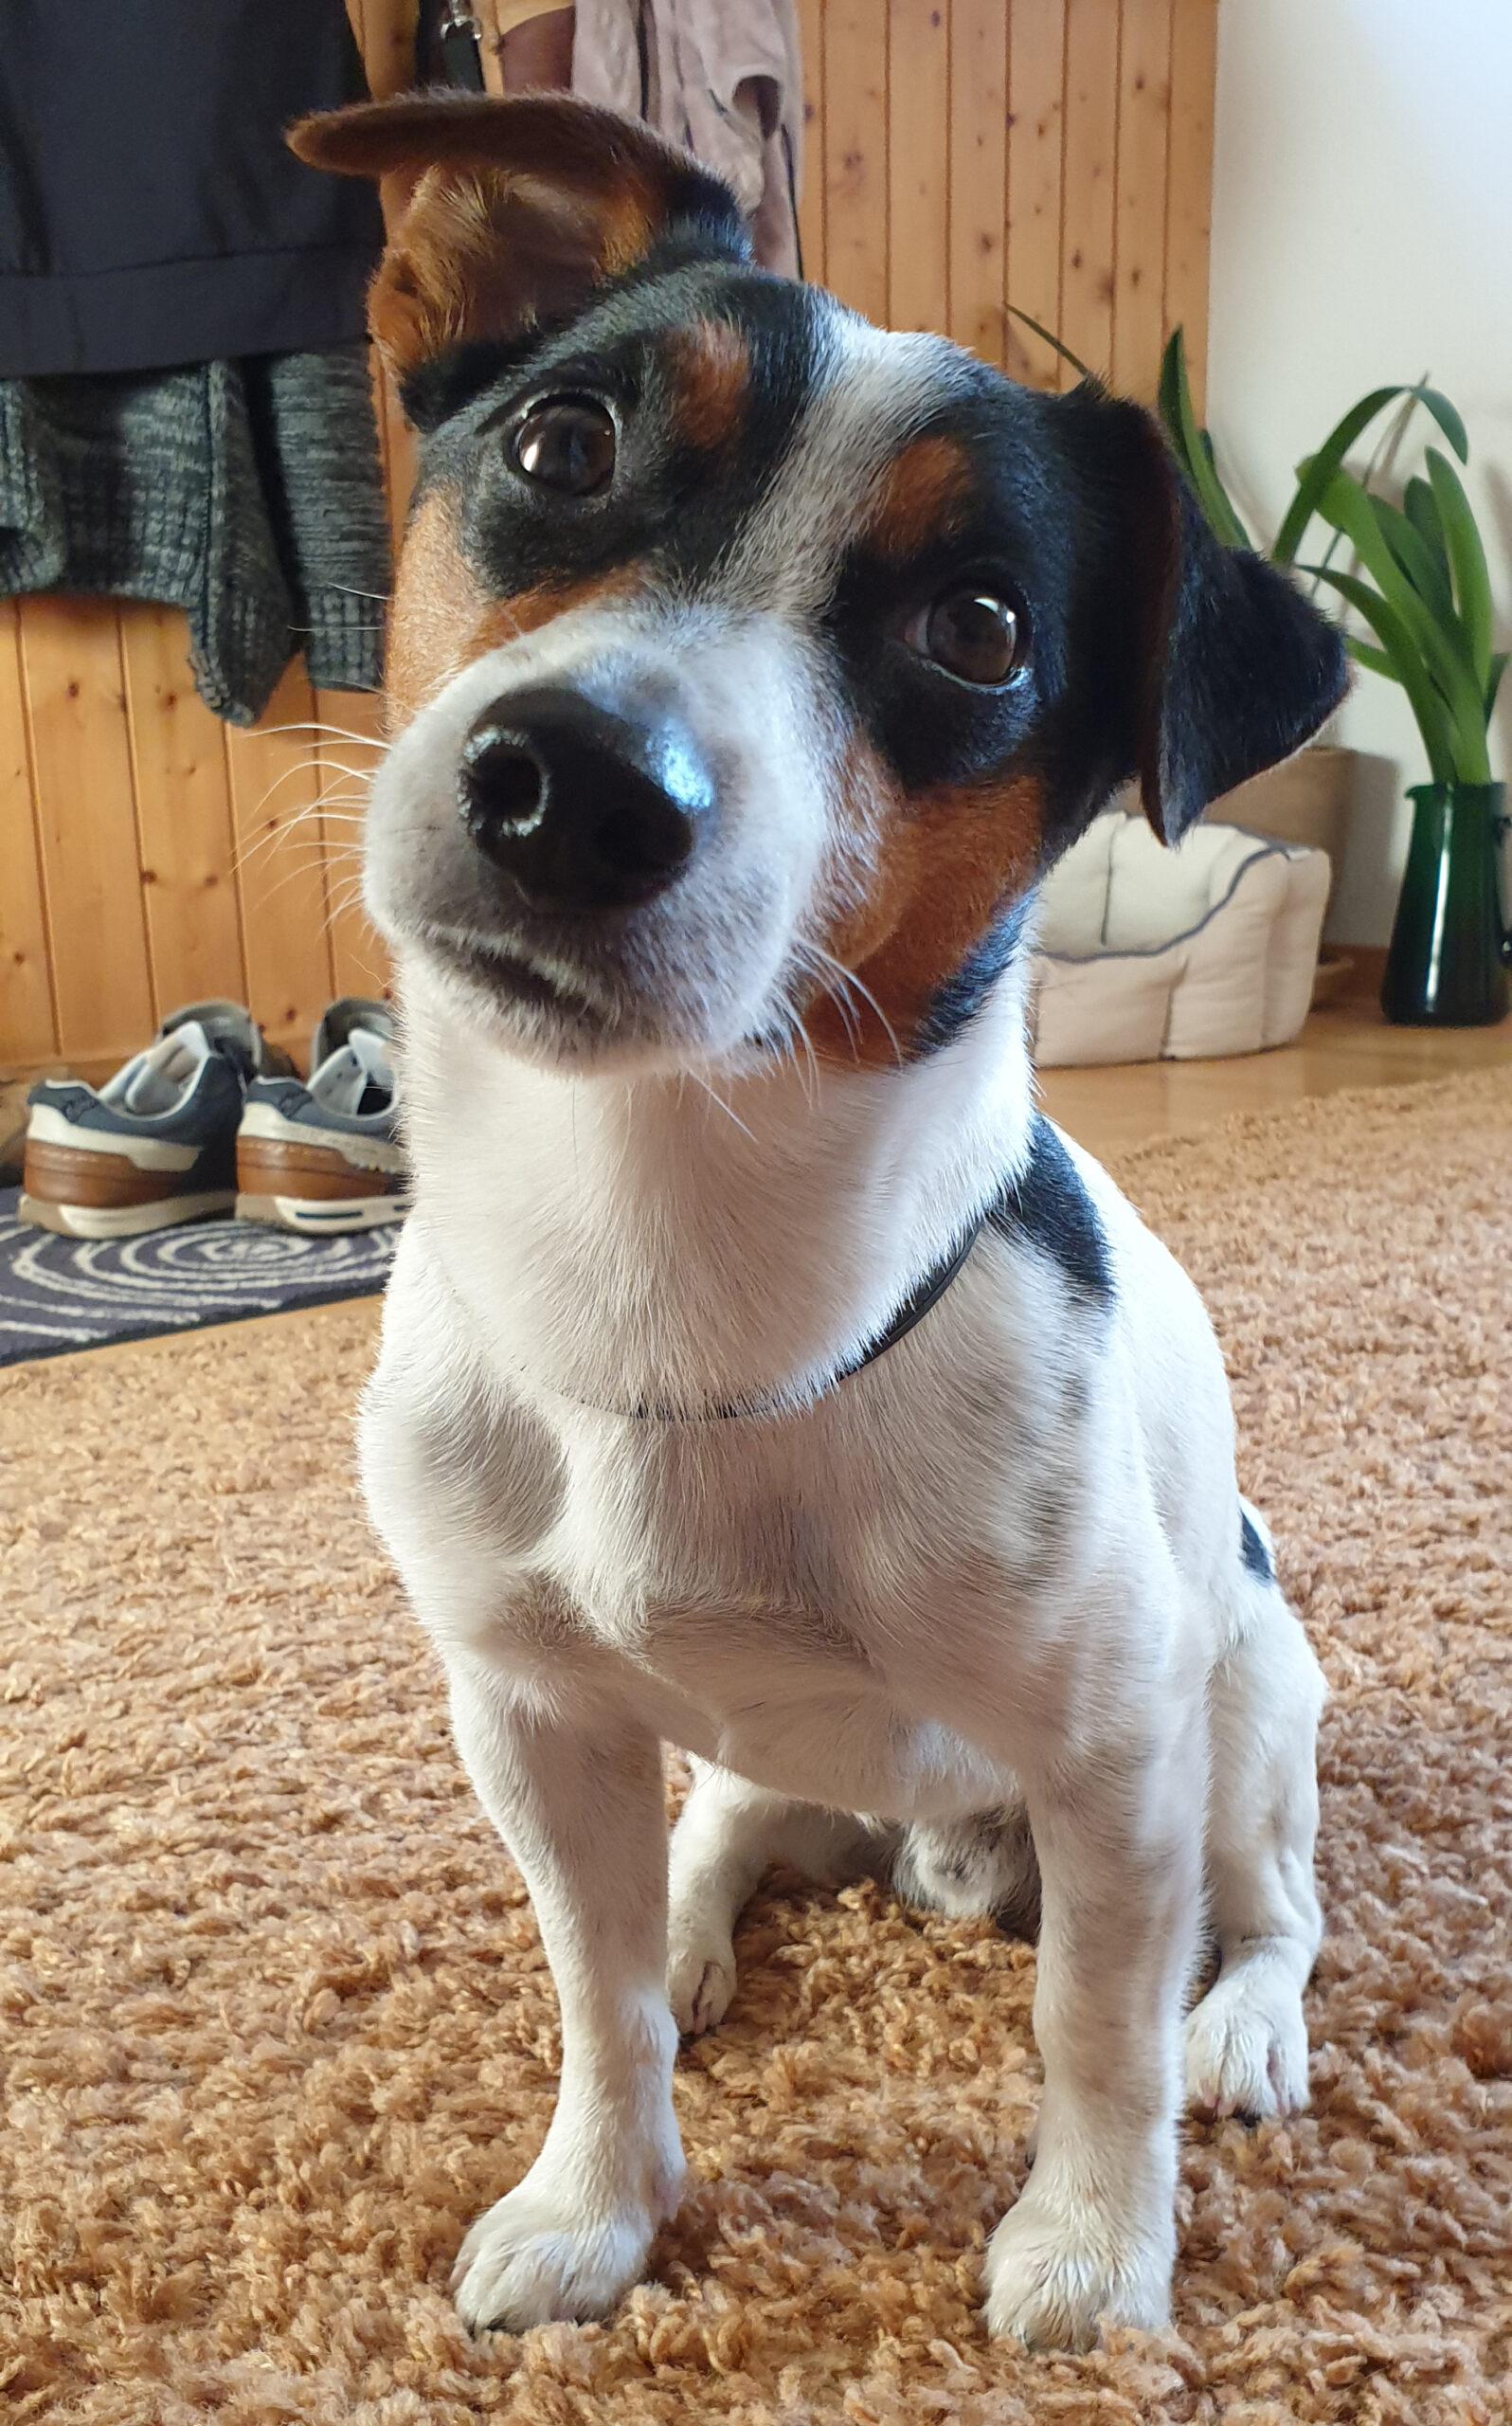 Hundeferien mit Herz | Hundeferien-Vermittlung in Ihrer Umgebung